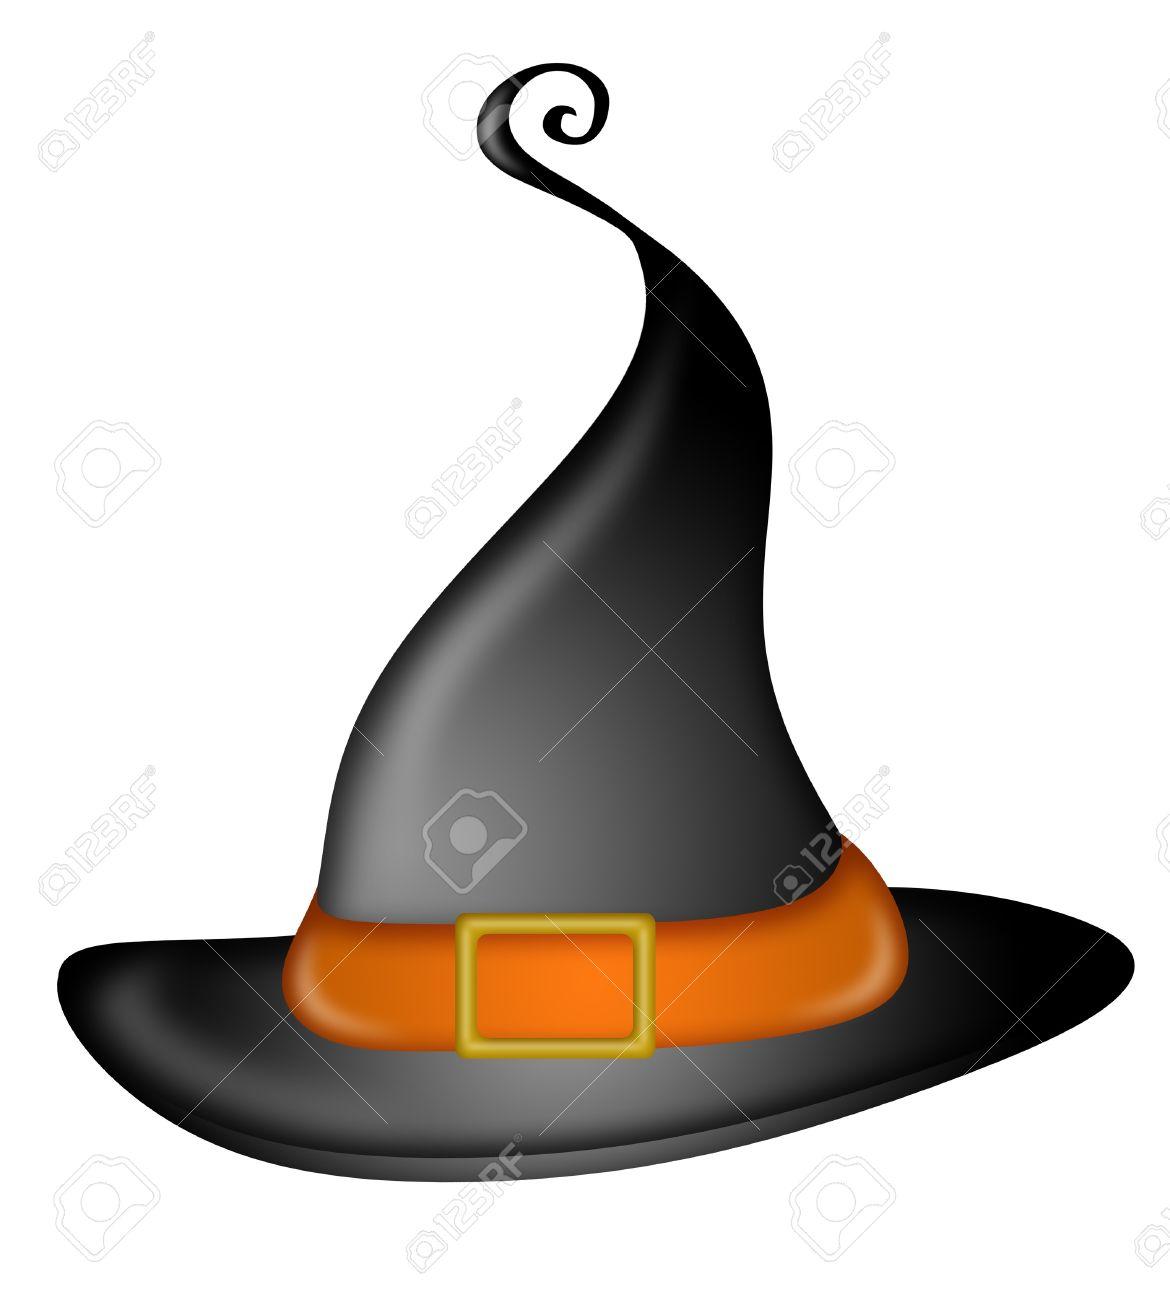 Foto de archivo - Ilustración de sombrero de brujas de Halloween 3452500cf2d